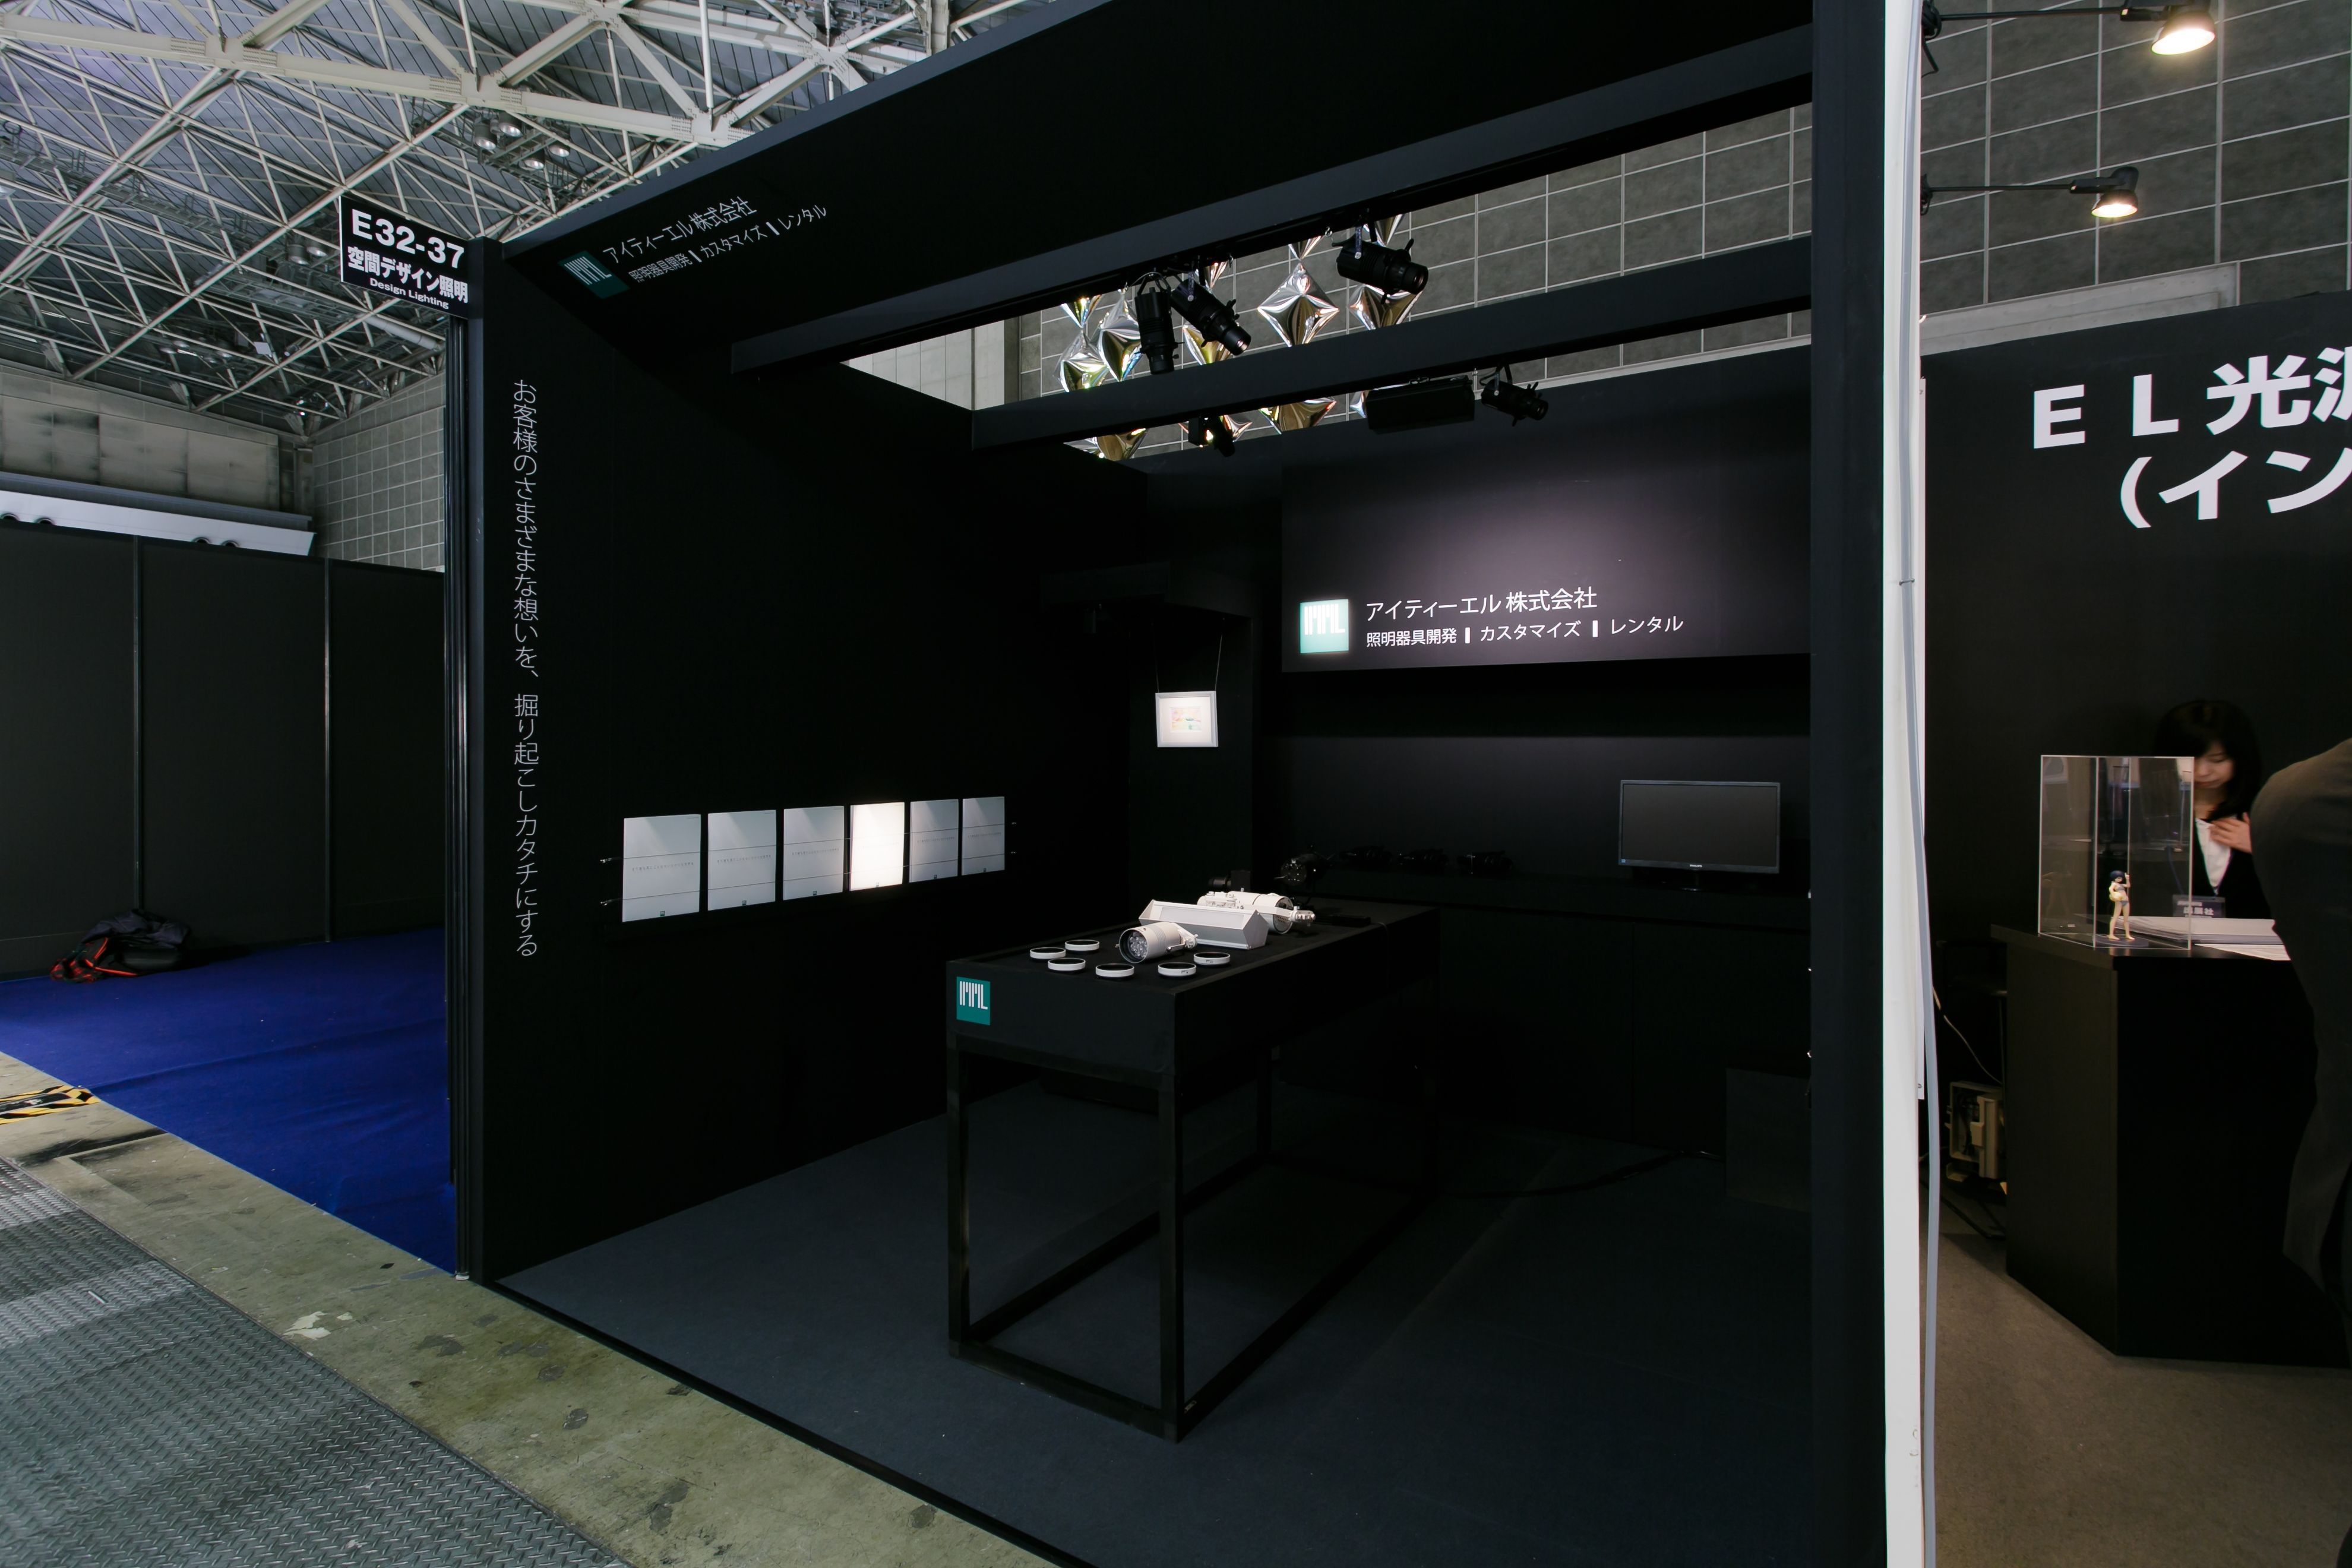 ライティングフェア 展示会ブースデザイン 国際照明総合展 Boothdesign ブースデザイン デザイン 展示会ブース